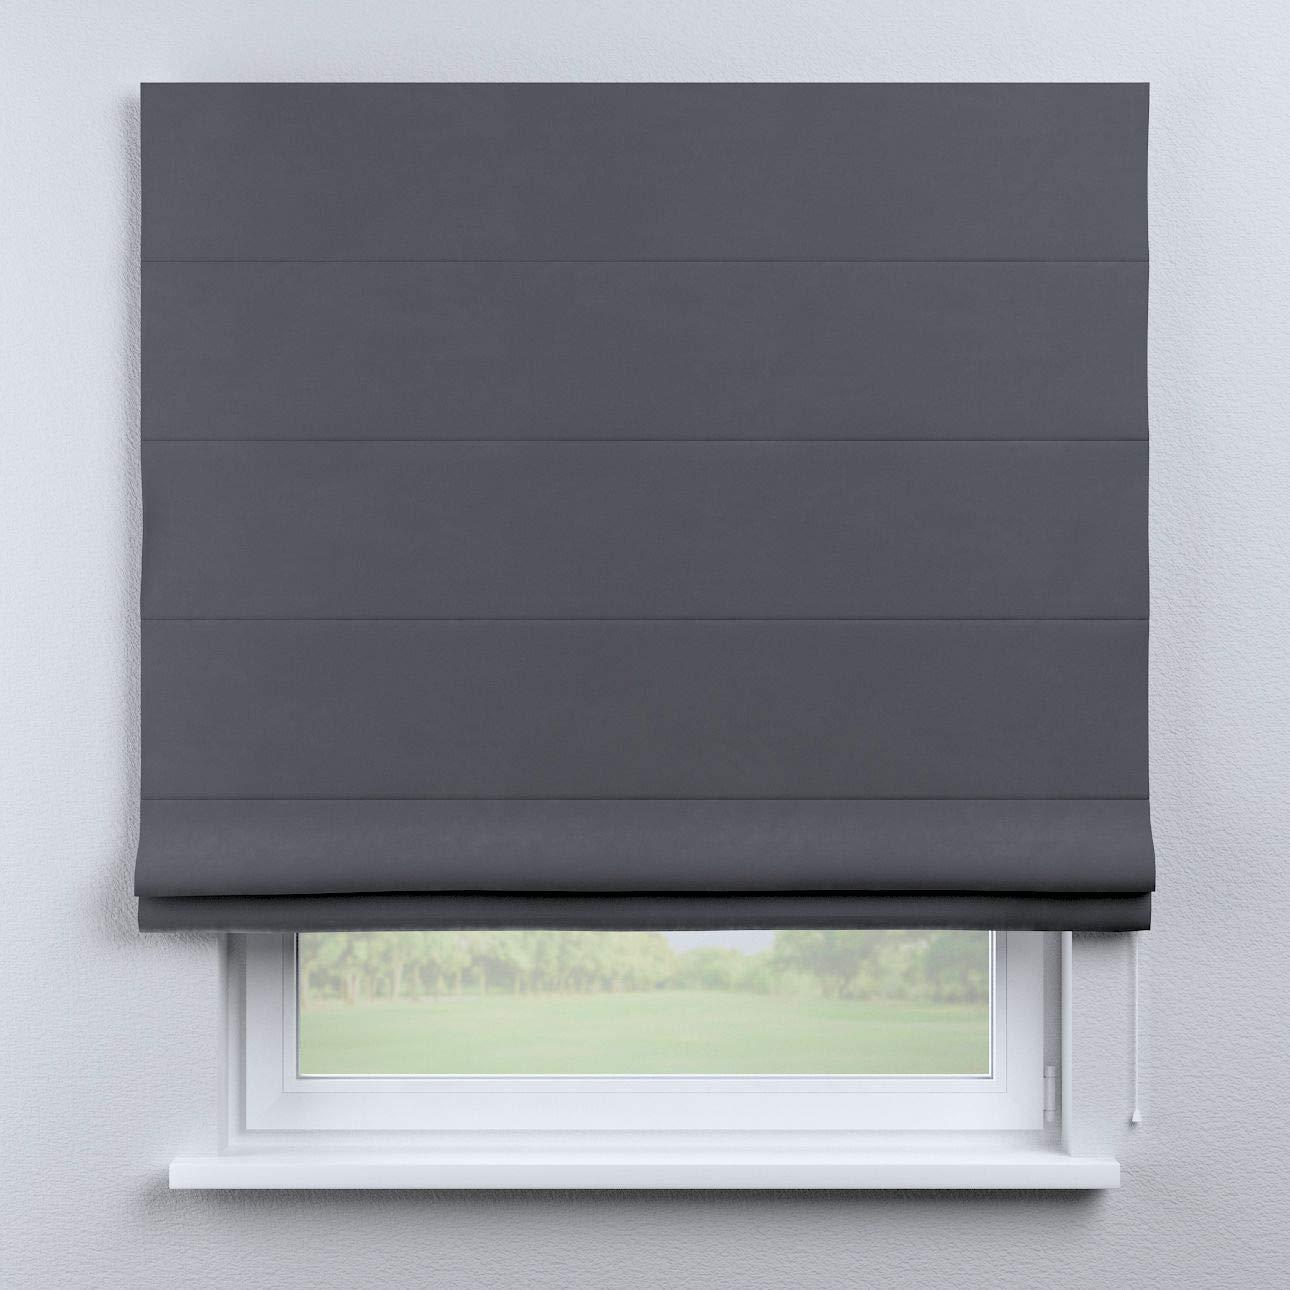 Dekoria Raffrollo Capri ohne Bohren Blickdicht Faltvorhang Raffgardine Wohnzimmer Schlafzimmer Kinderzimmer 130 × 170 cm grau Raffrollos auf Maß maßanfertigung möglich